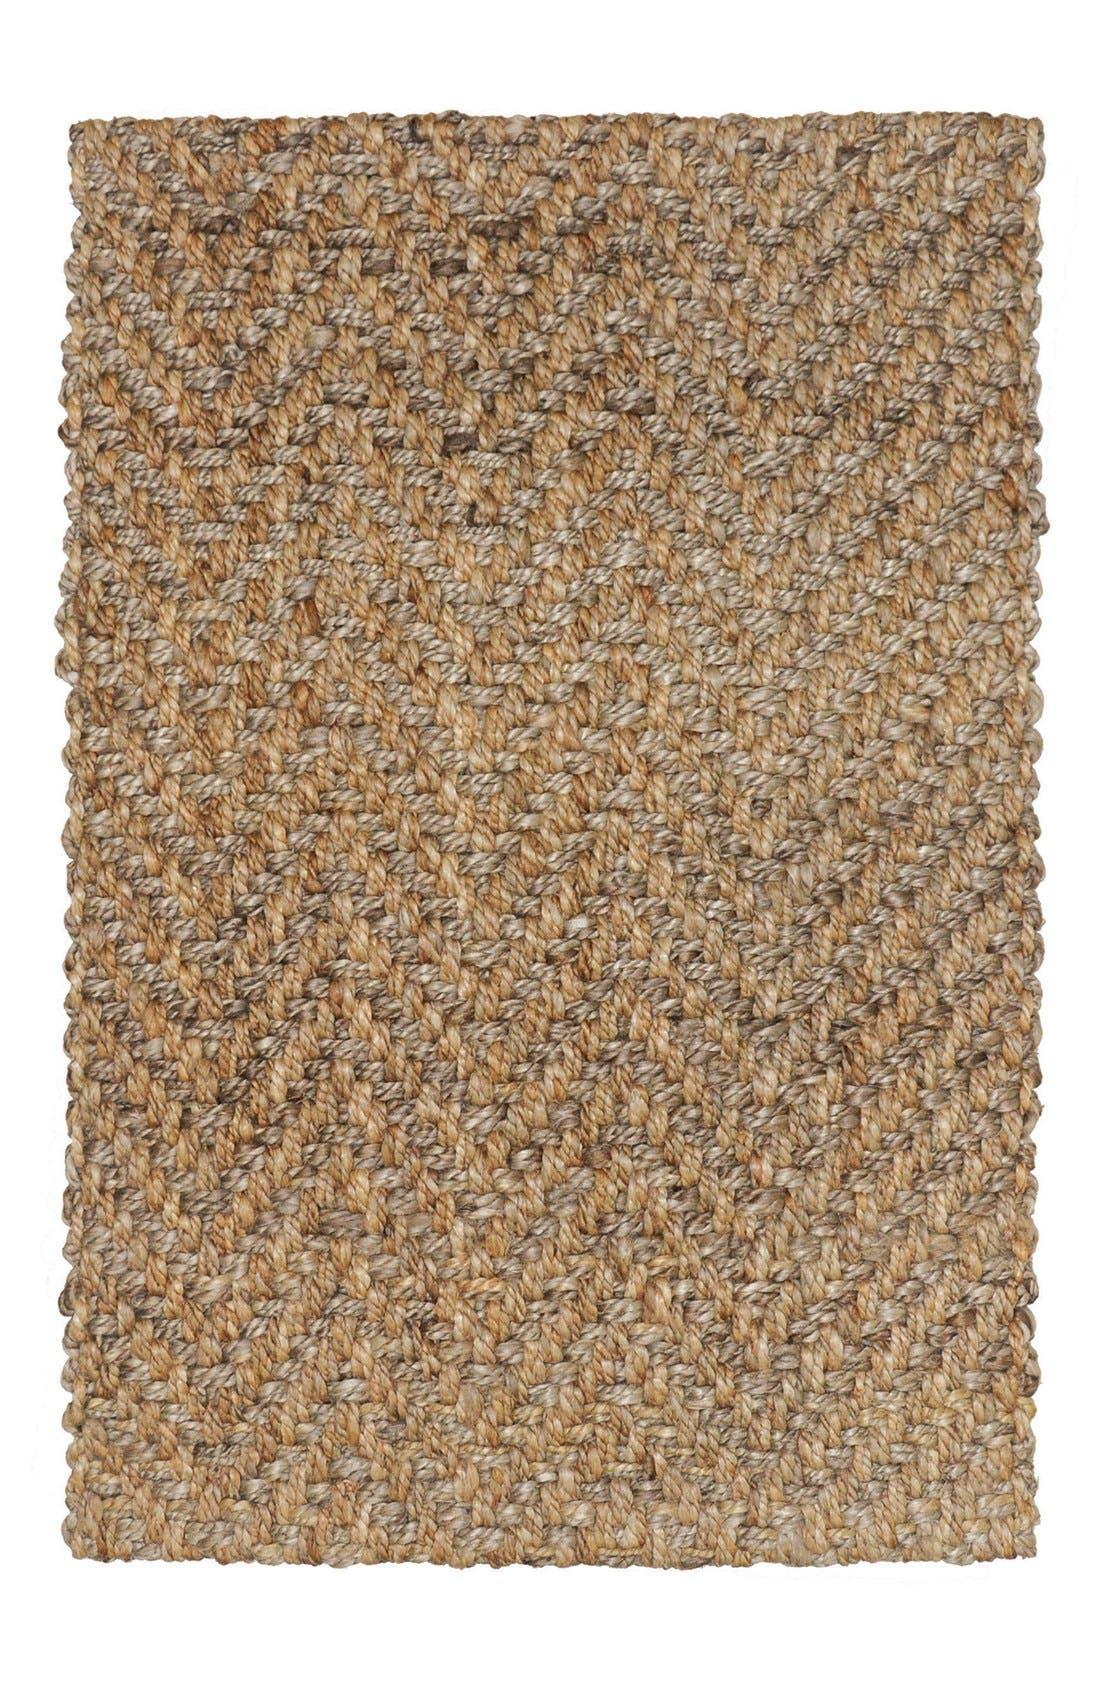 Herringbone Handwoven Rug,                         Main,                         color, Natural